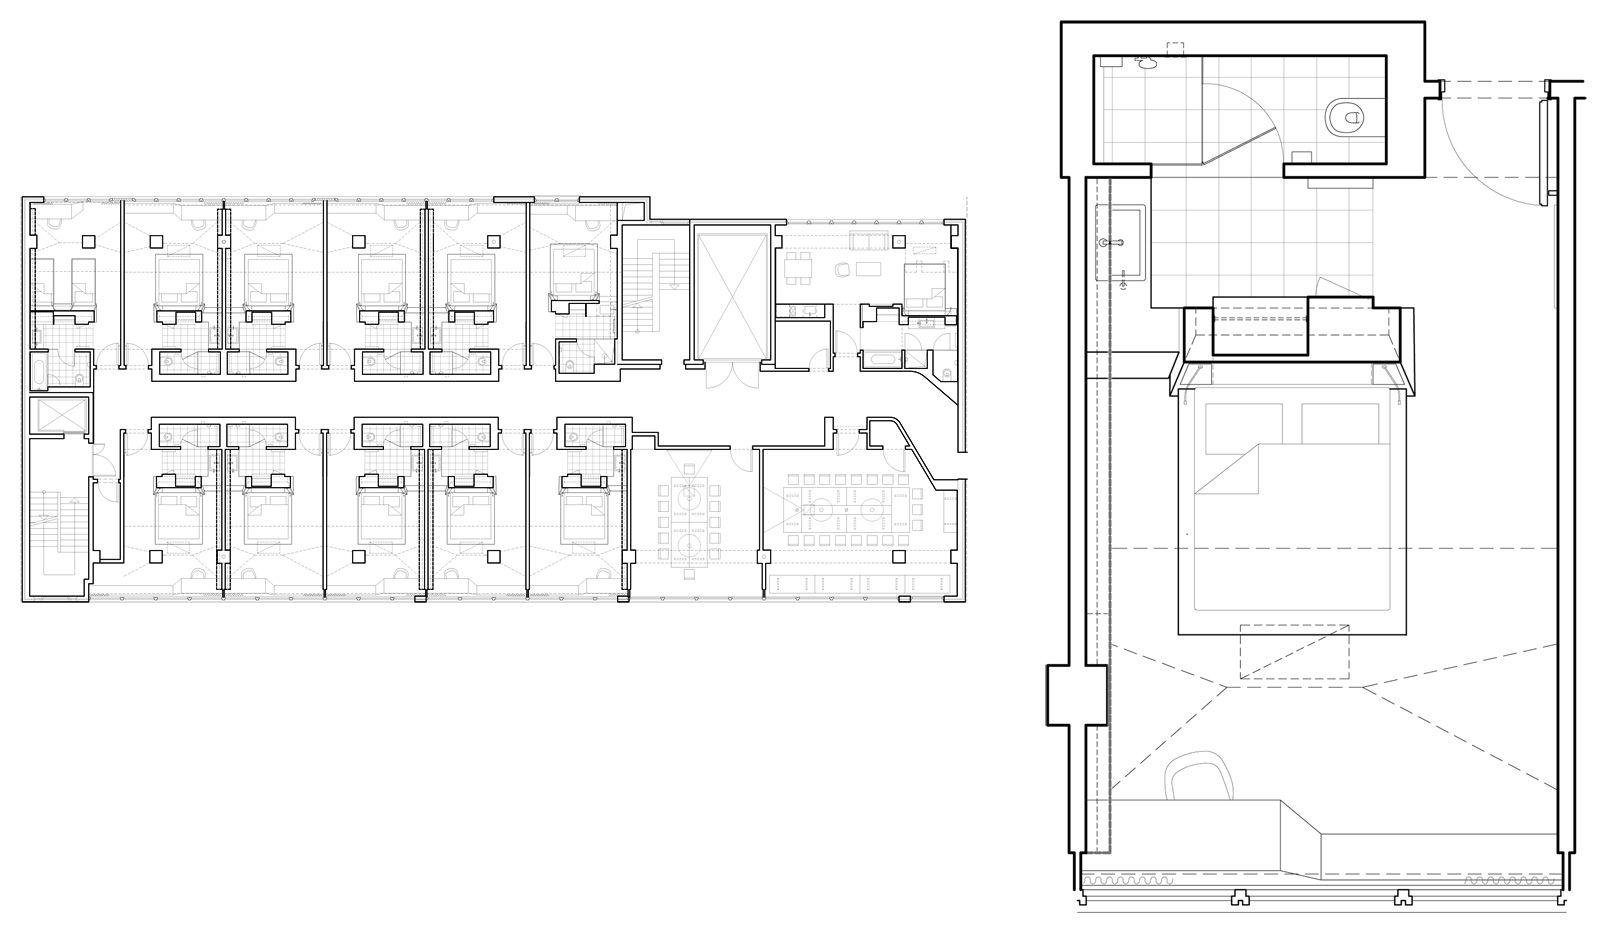 Aspria 6 2 Jpg 1 600 927 Pixels Small Hotel Room Hotel Room Plan Hotel Floor Plan